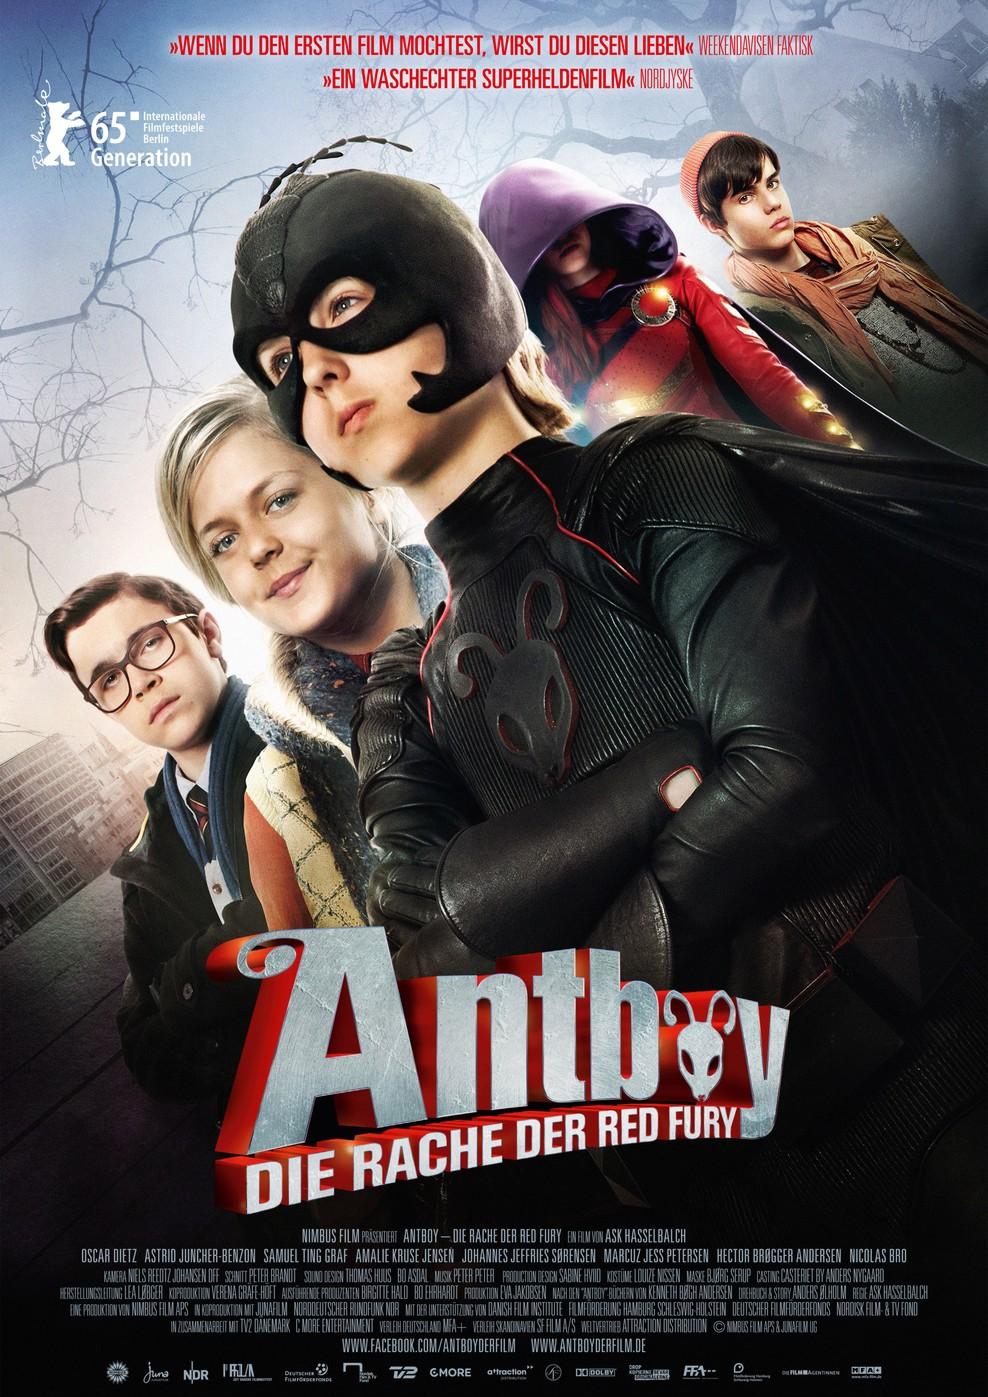 Antboy - Die Rache der Red Fury (Poster)